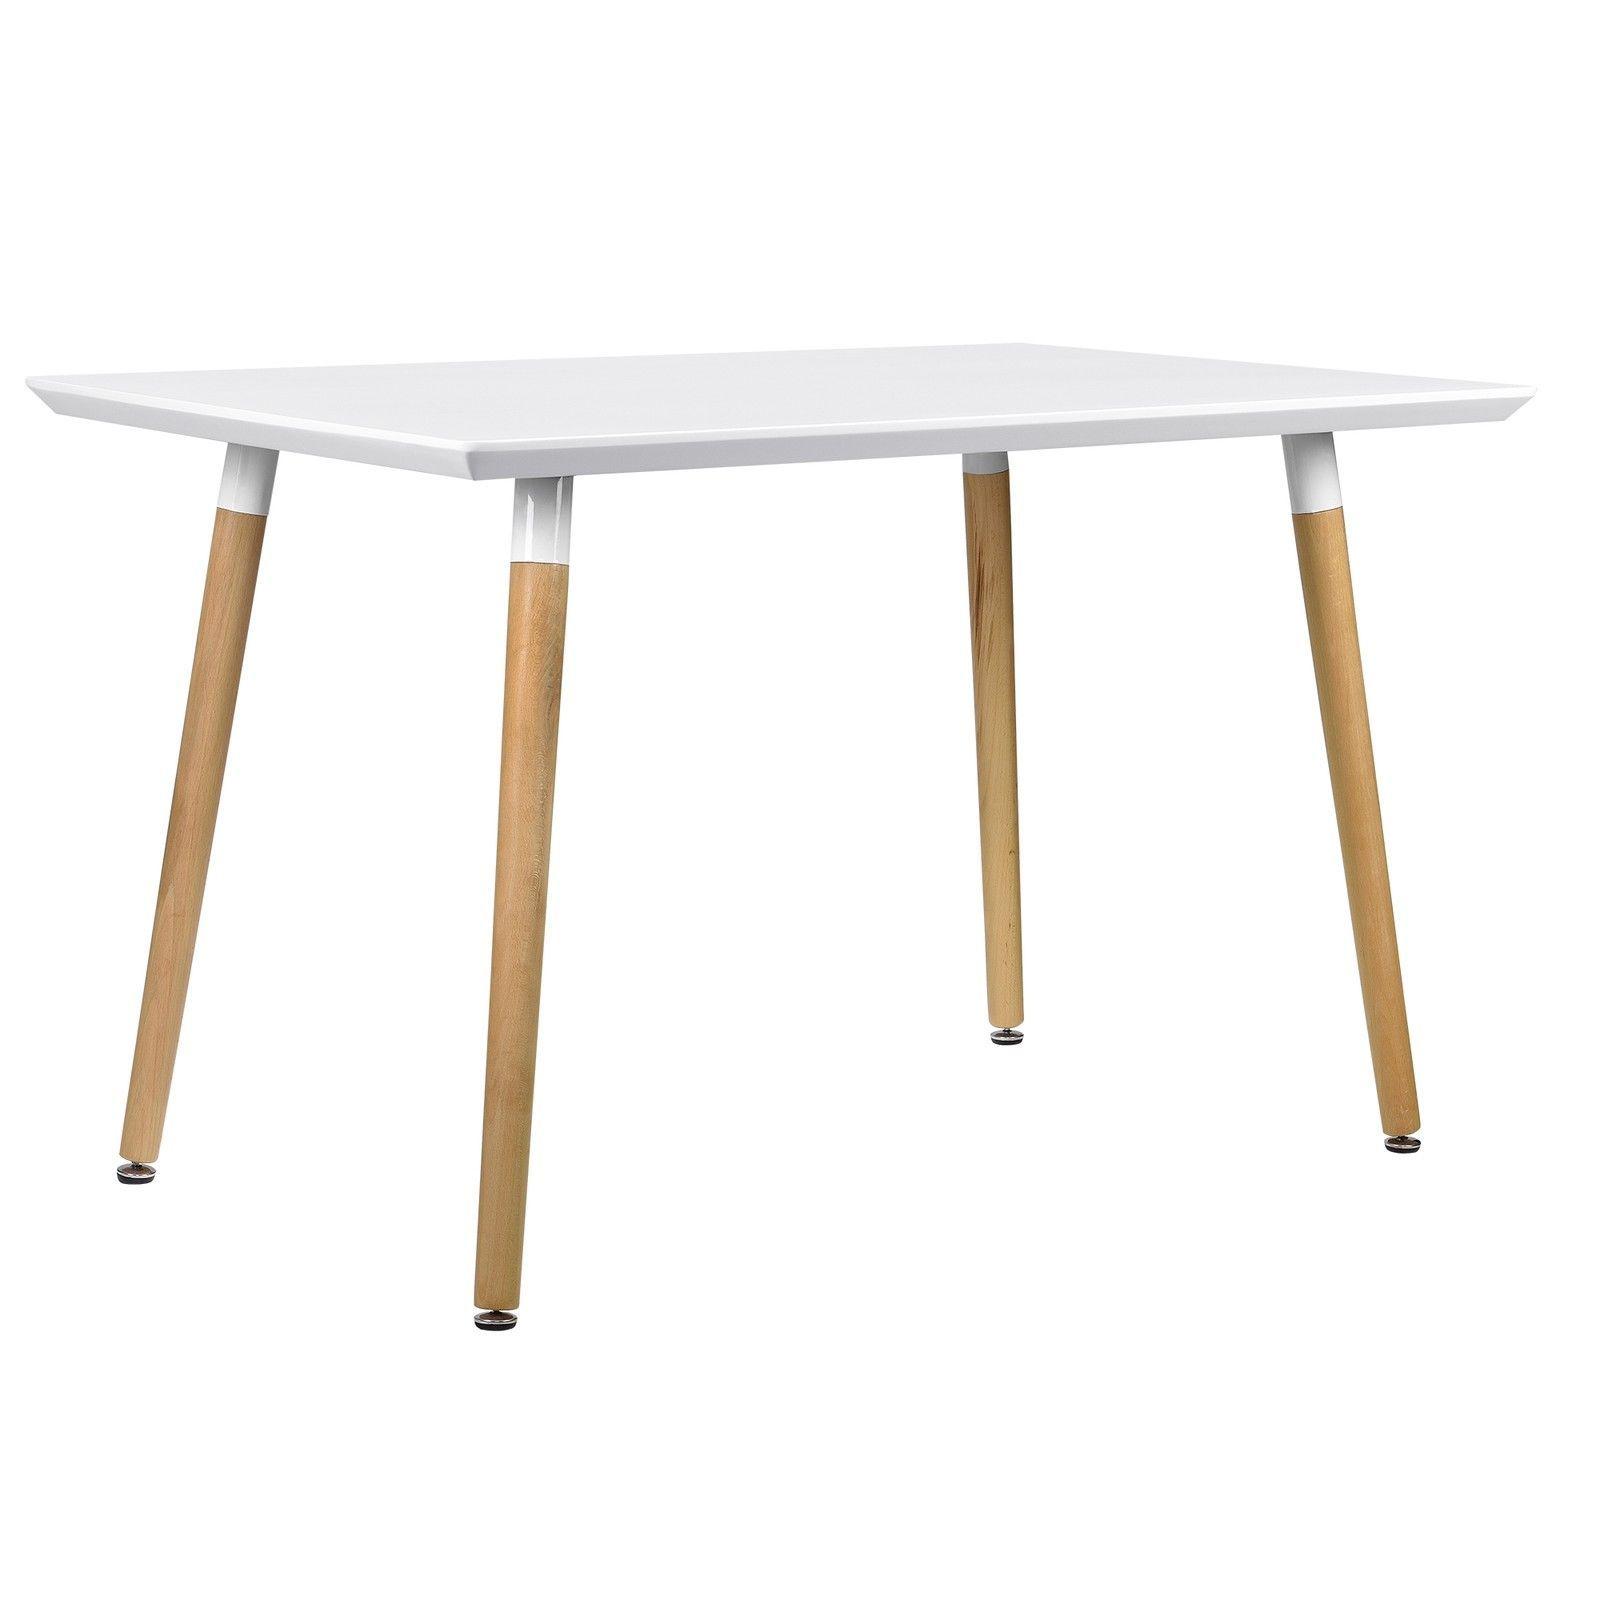 en.casa]® Esstisch 120x80cm Weiß Matt Eiche Küchentisch Esszimmer ...